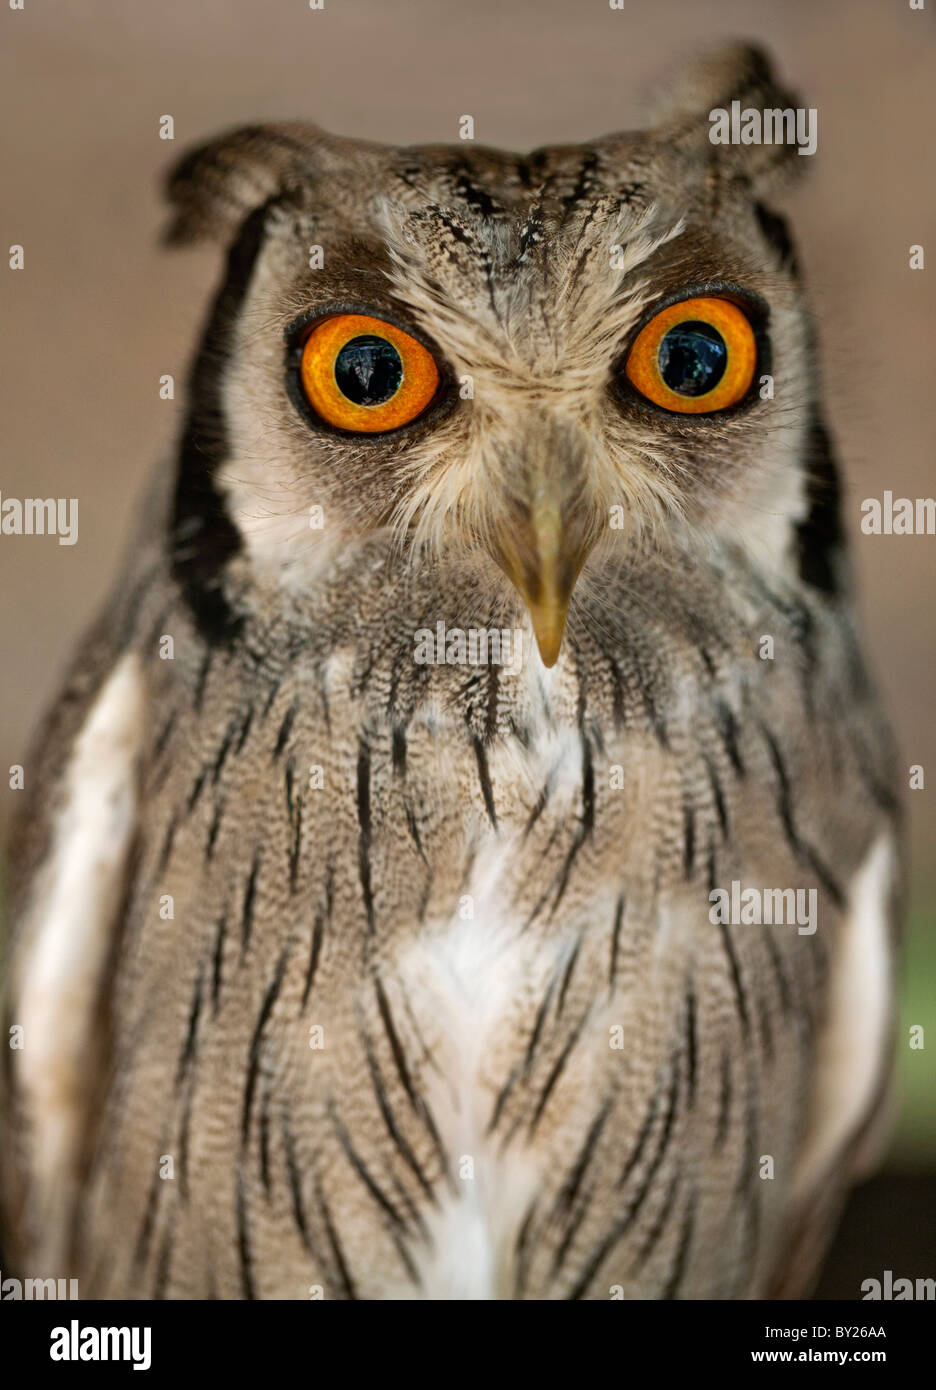 Eine White-faced Zwergohreule-Eule, eine Art kleine Eule mit Ohr-Büschel, die ausgelöst werden, wenn der Vogel gestört Stockfoto